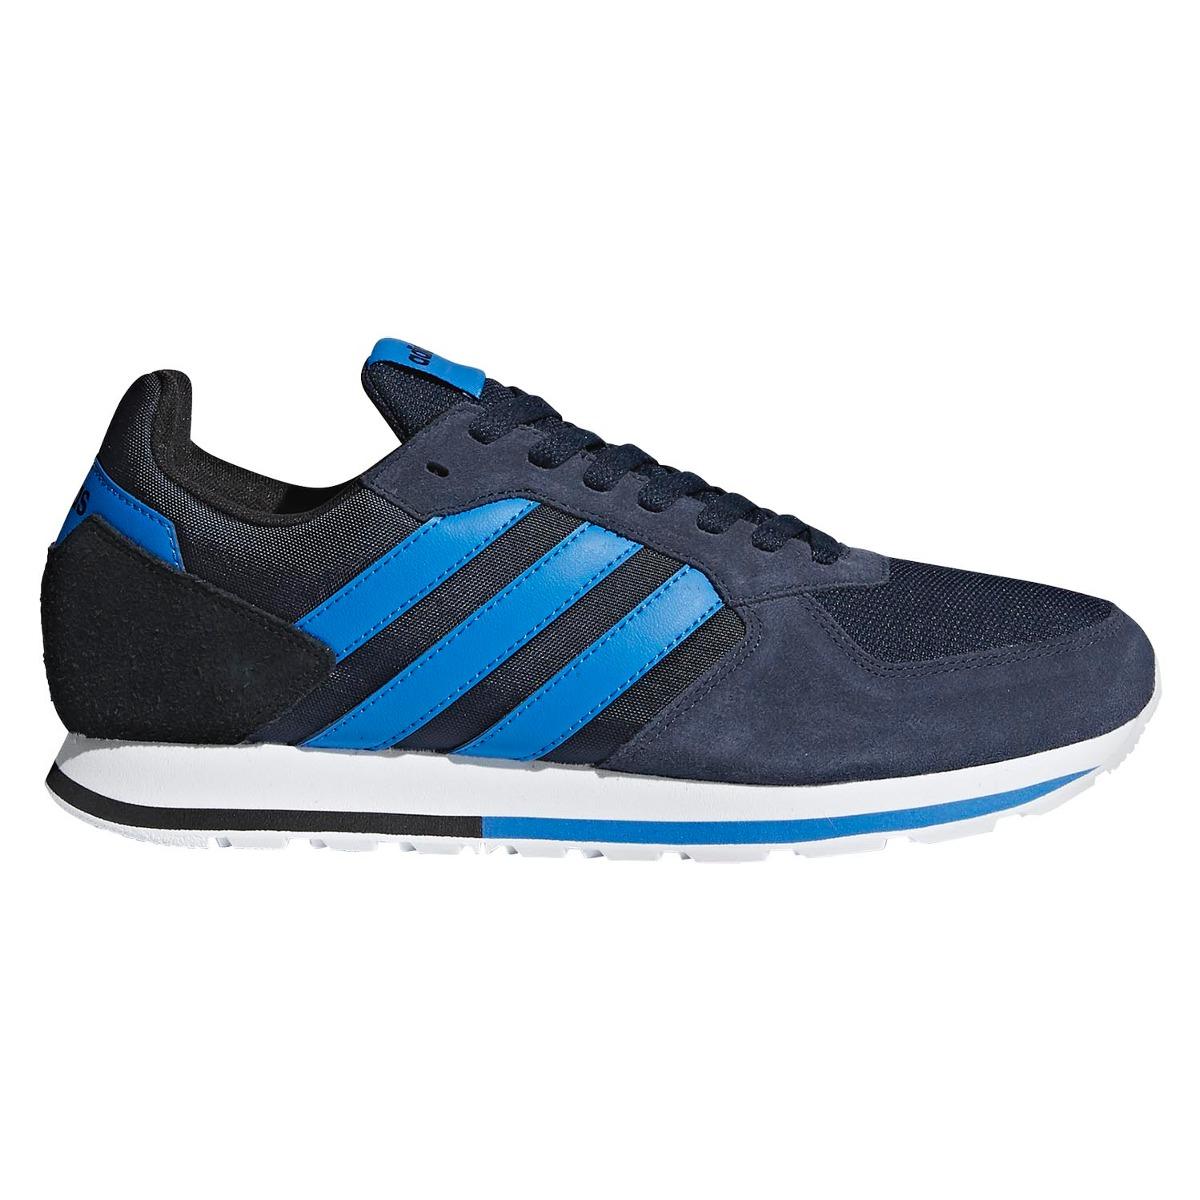 Open Adidas Sports 8k Db1727 Neo Zapatillas Rctsxhqd zqSjUVpLMG